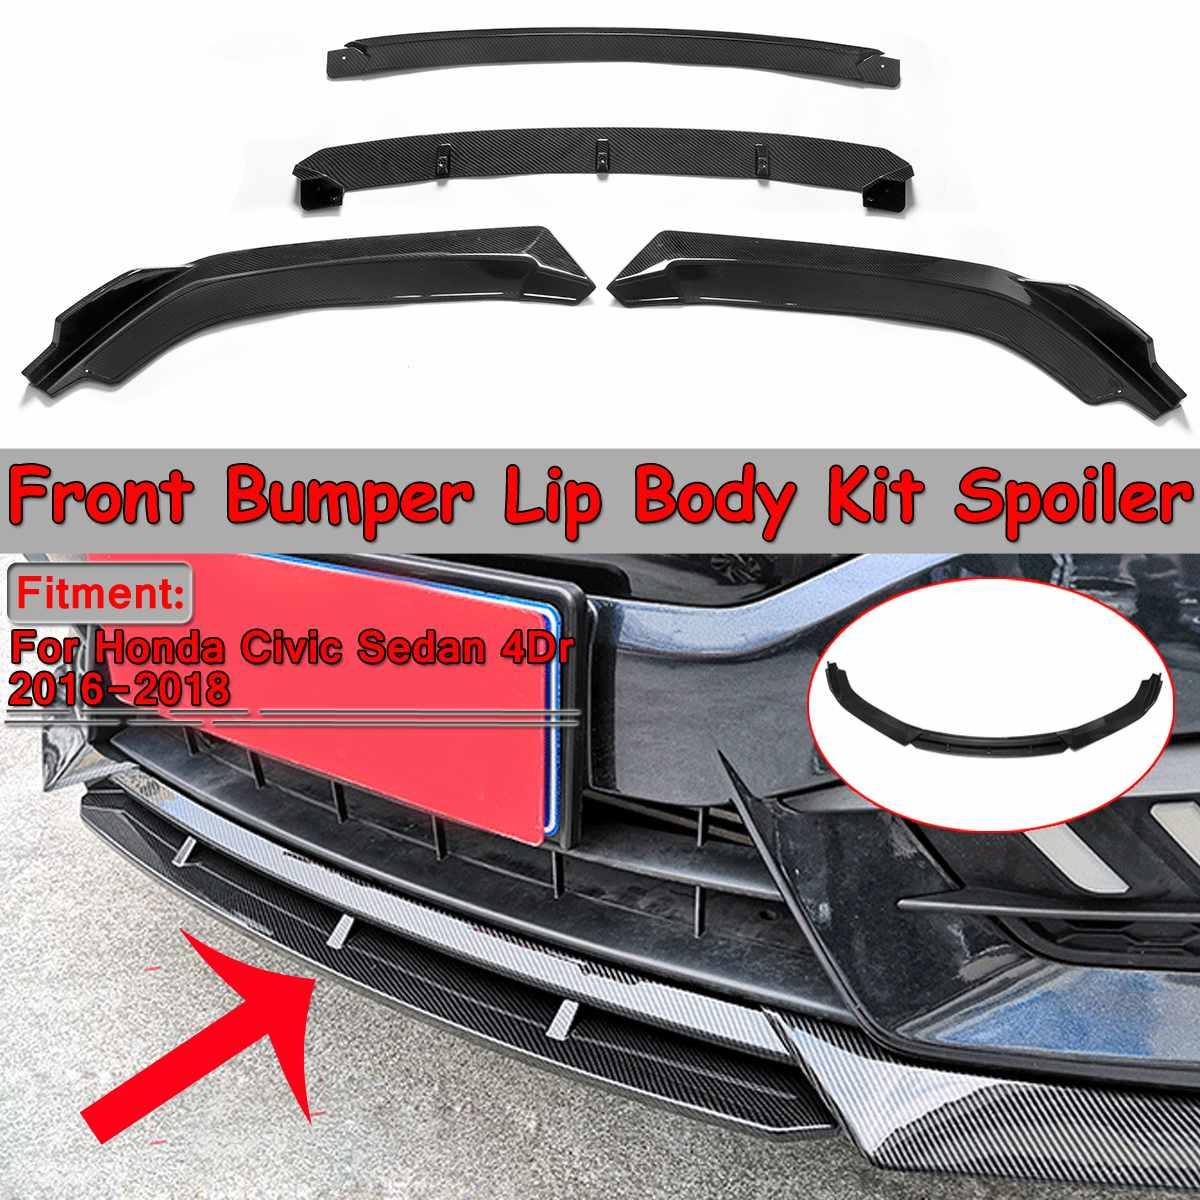 Nouveau 4 pièces voiture pare-chocs avant lèvre séparateur diffuseur lèvre corps Kit Spoiler pare-chocs protecteur pour Honda pour Civic berline 4Dr 2016-2018